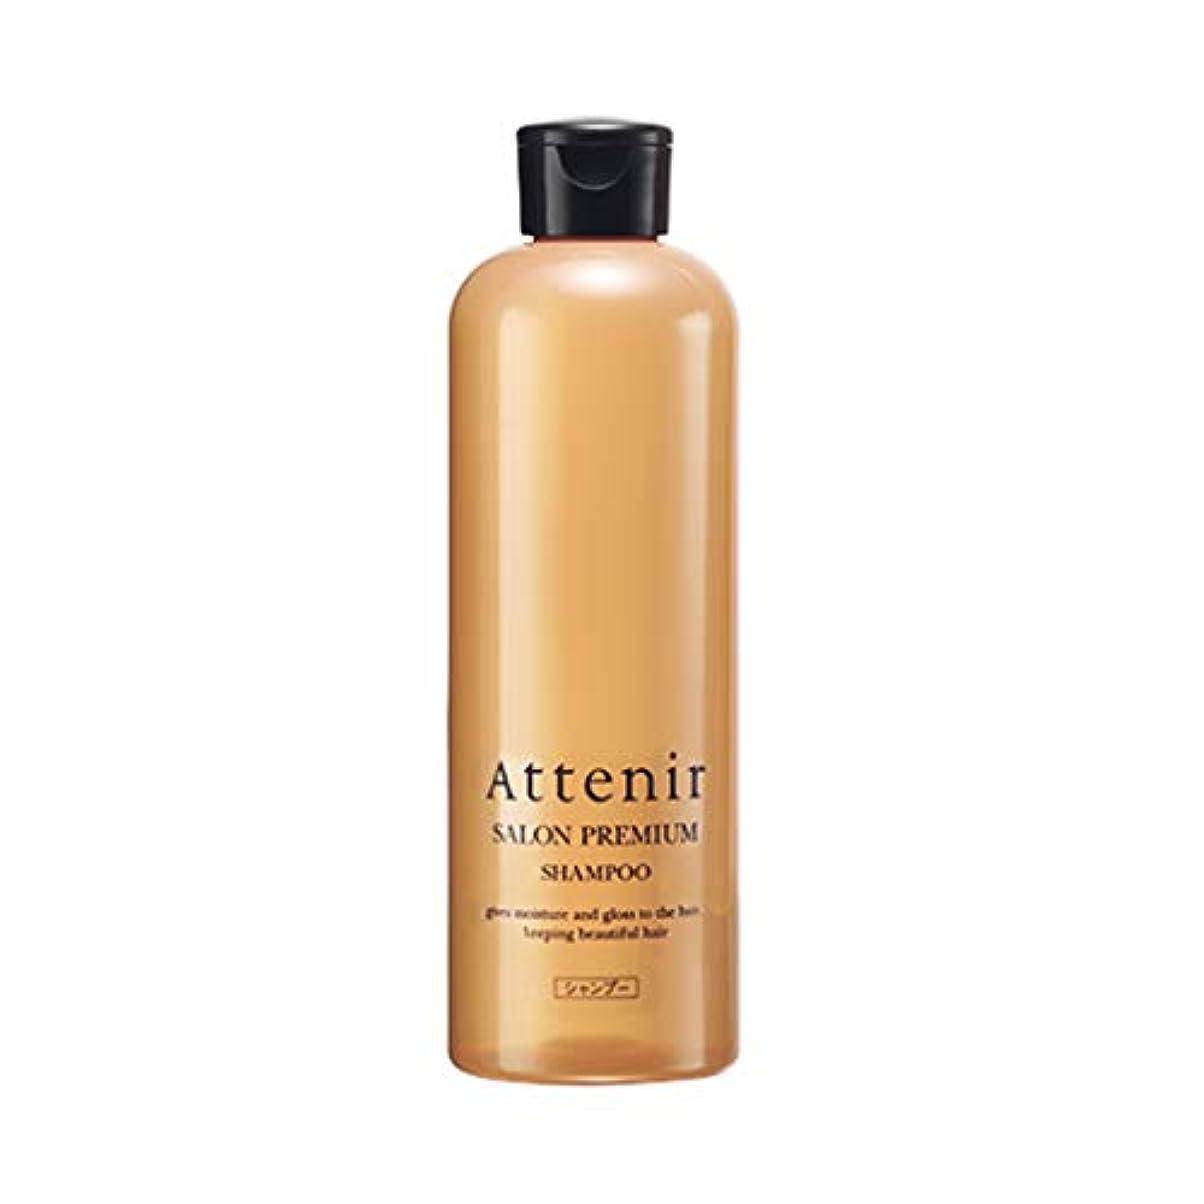 構成員マエストロリビングルームアテニア サロンプレミアム シャンプー グランフローラルの香り 毛髪補強成分配合 300ml